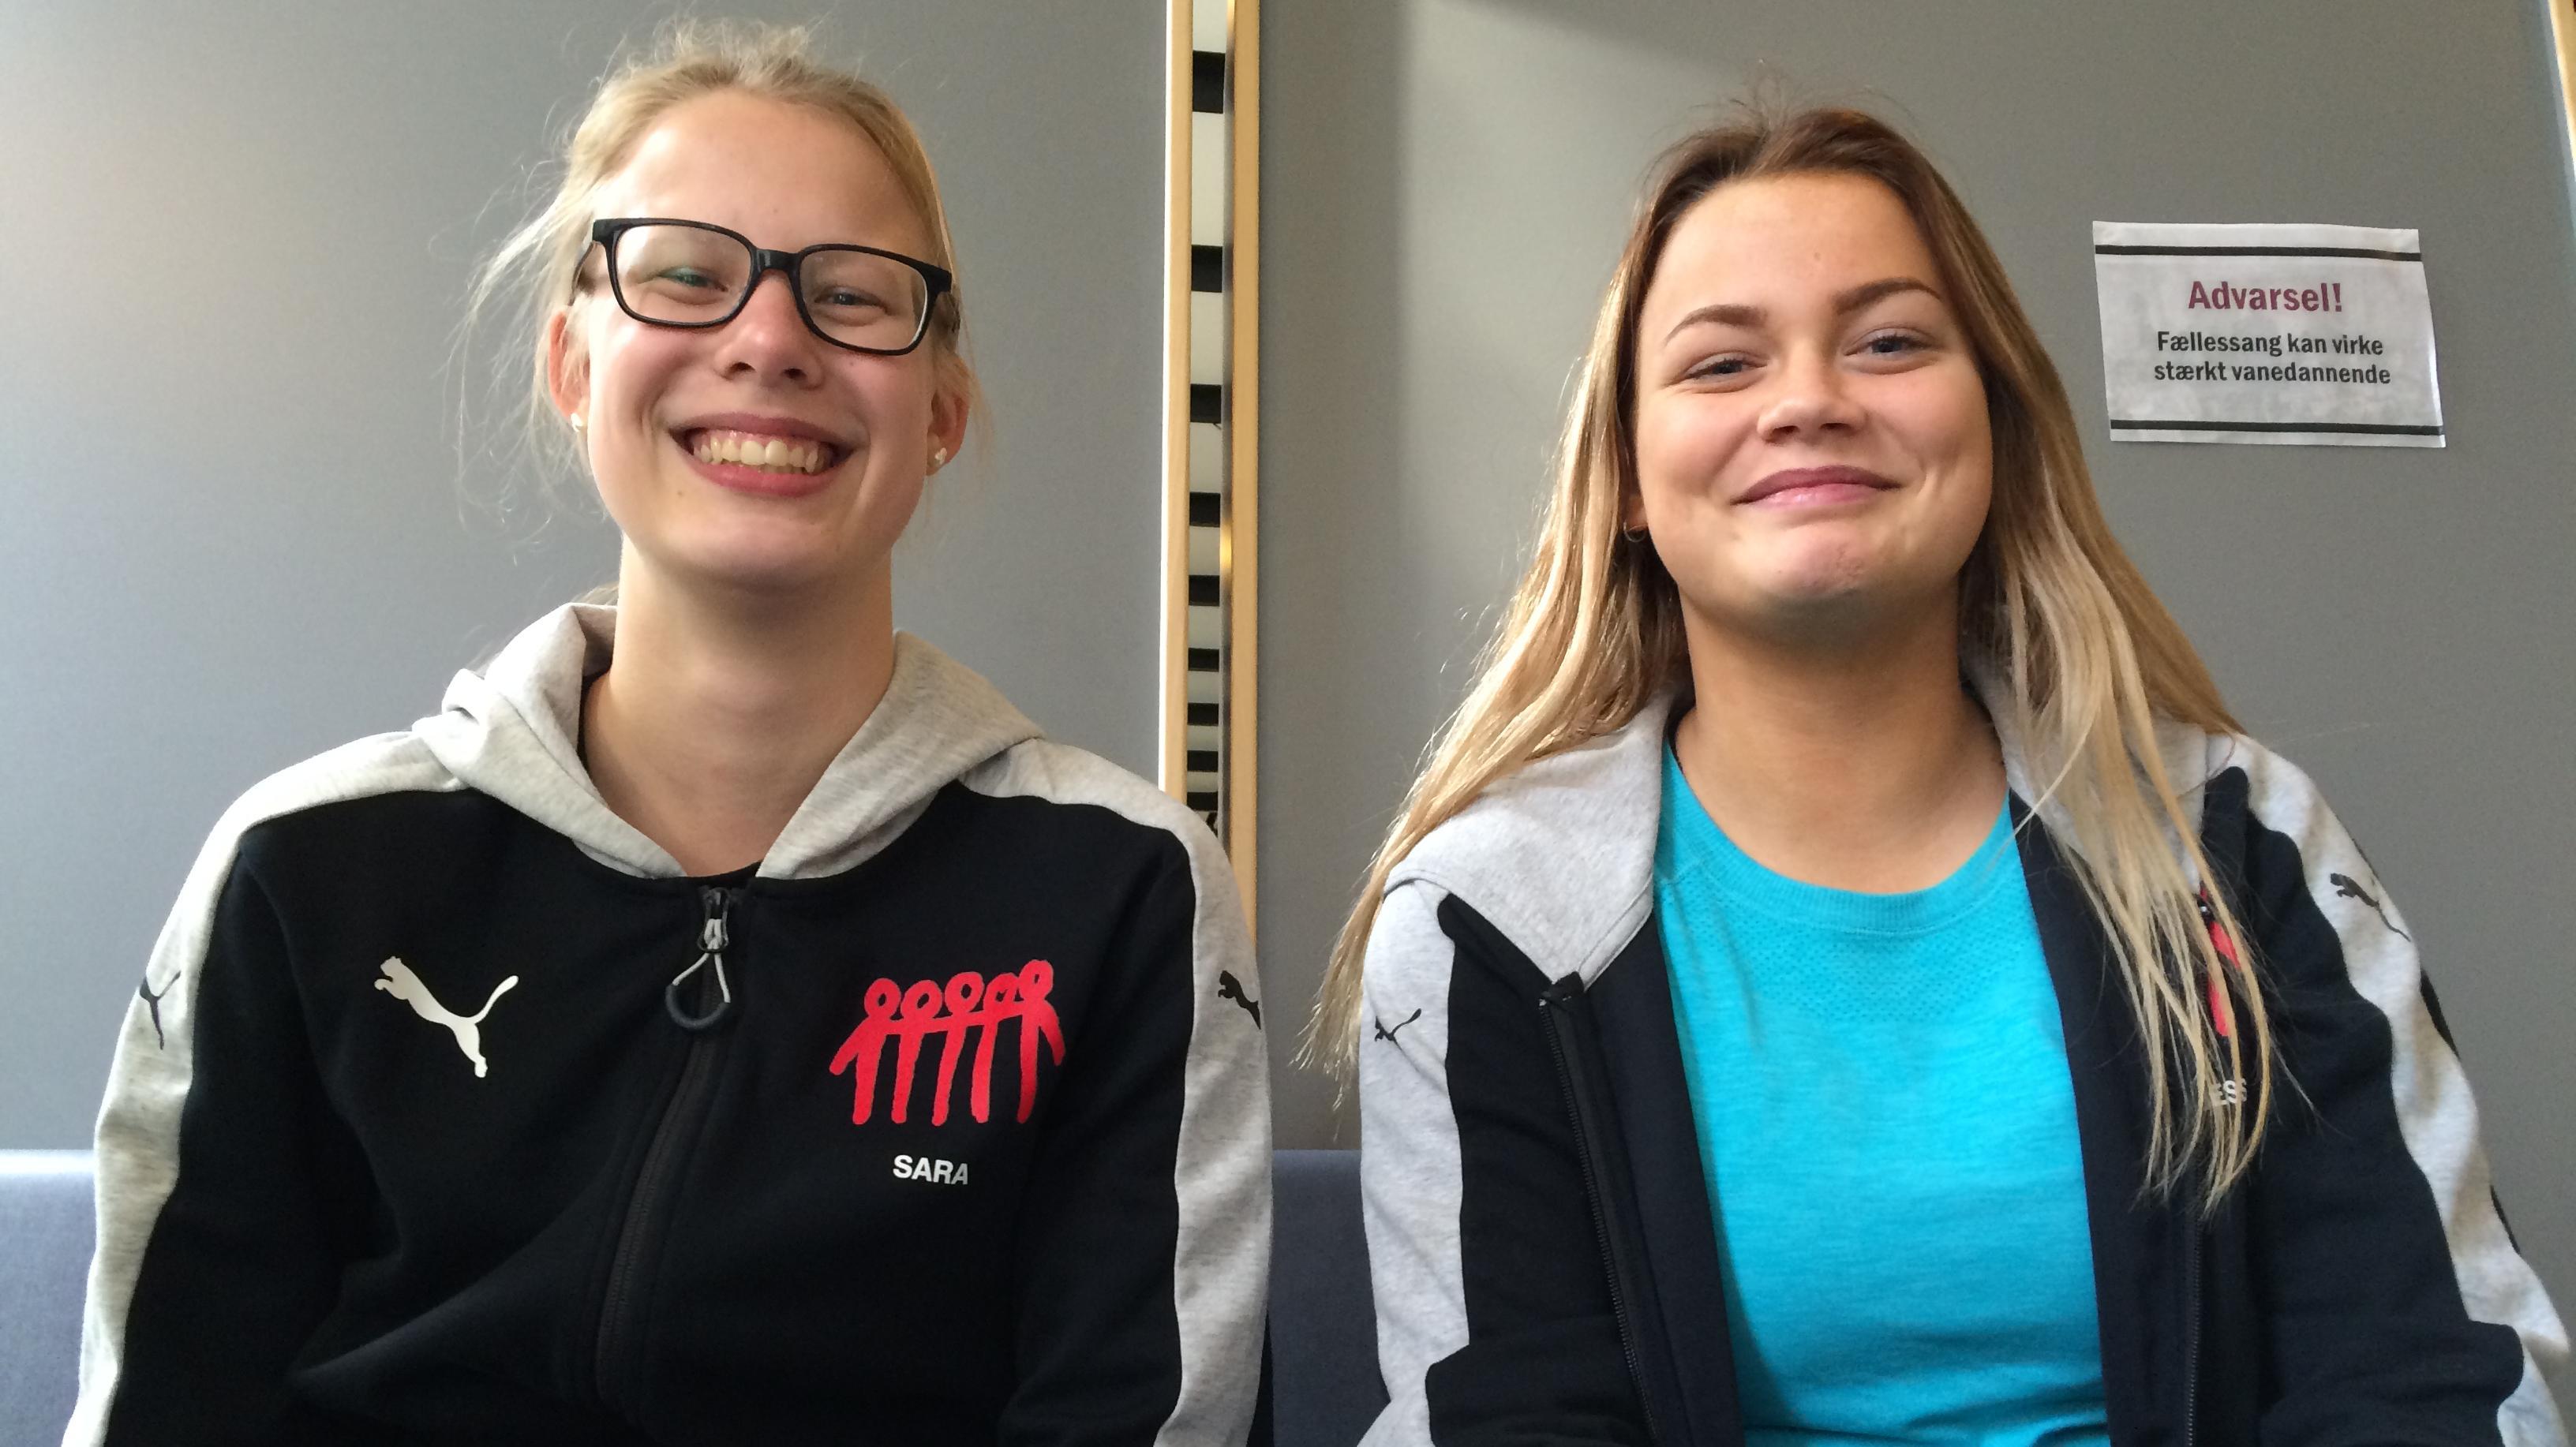 Marie Louise Jessen og Sarah Jochumsen, elever på Ladelund Efterskole